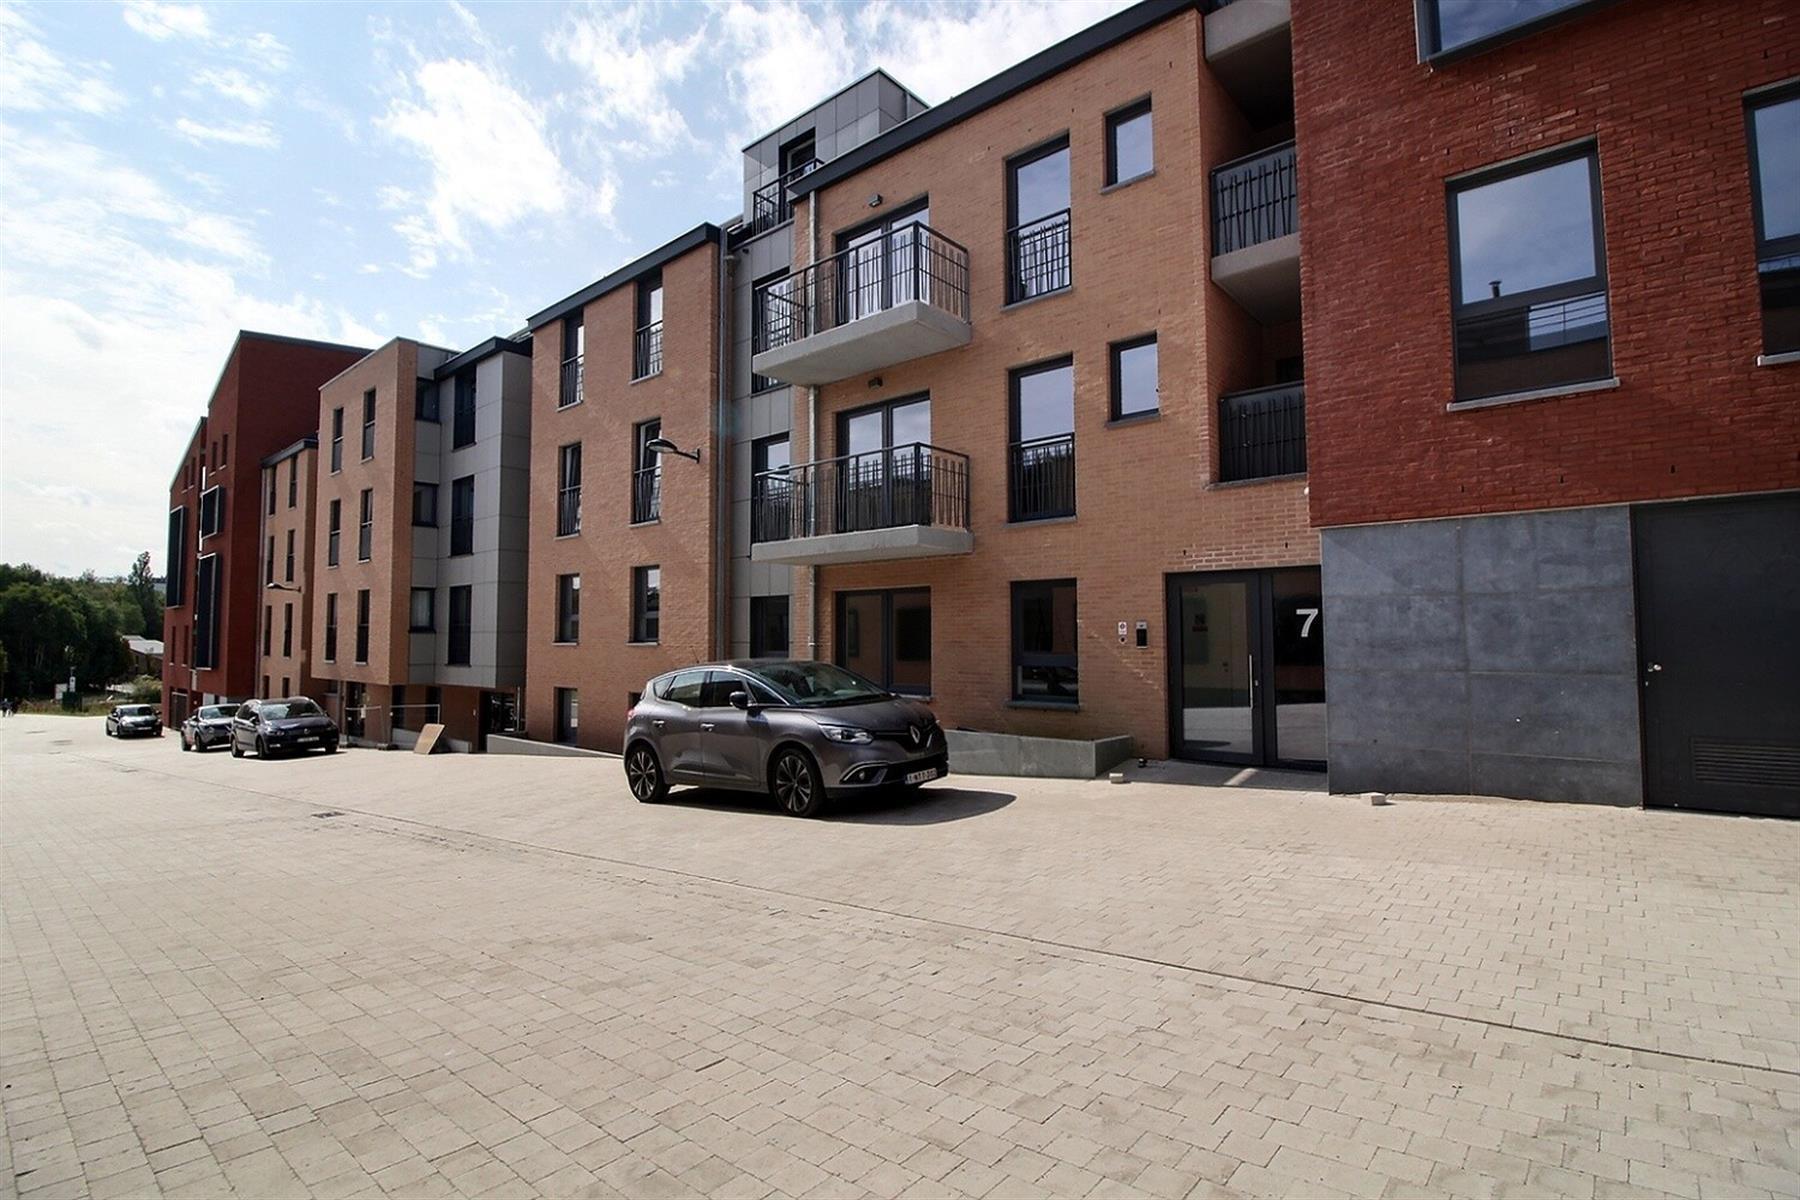 Appartement - Ottignies-Louvain-la-Neuve Louvain-la-Neuve - #4188555-0